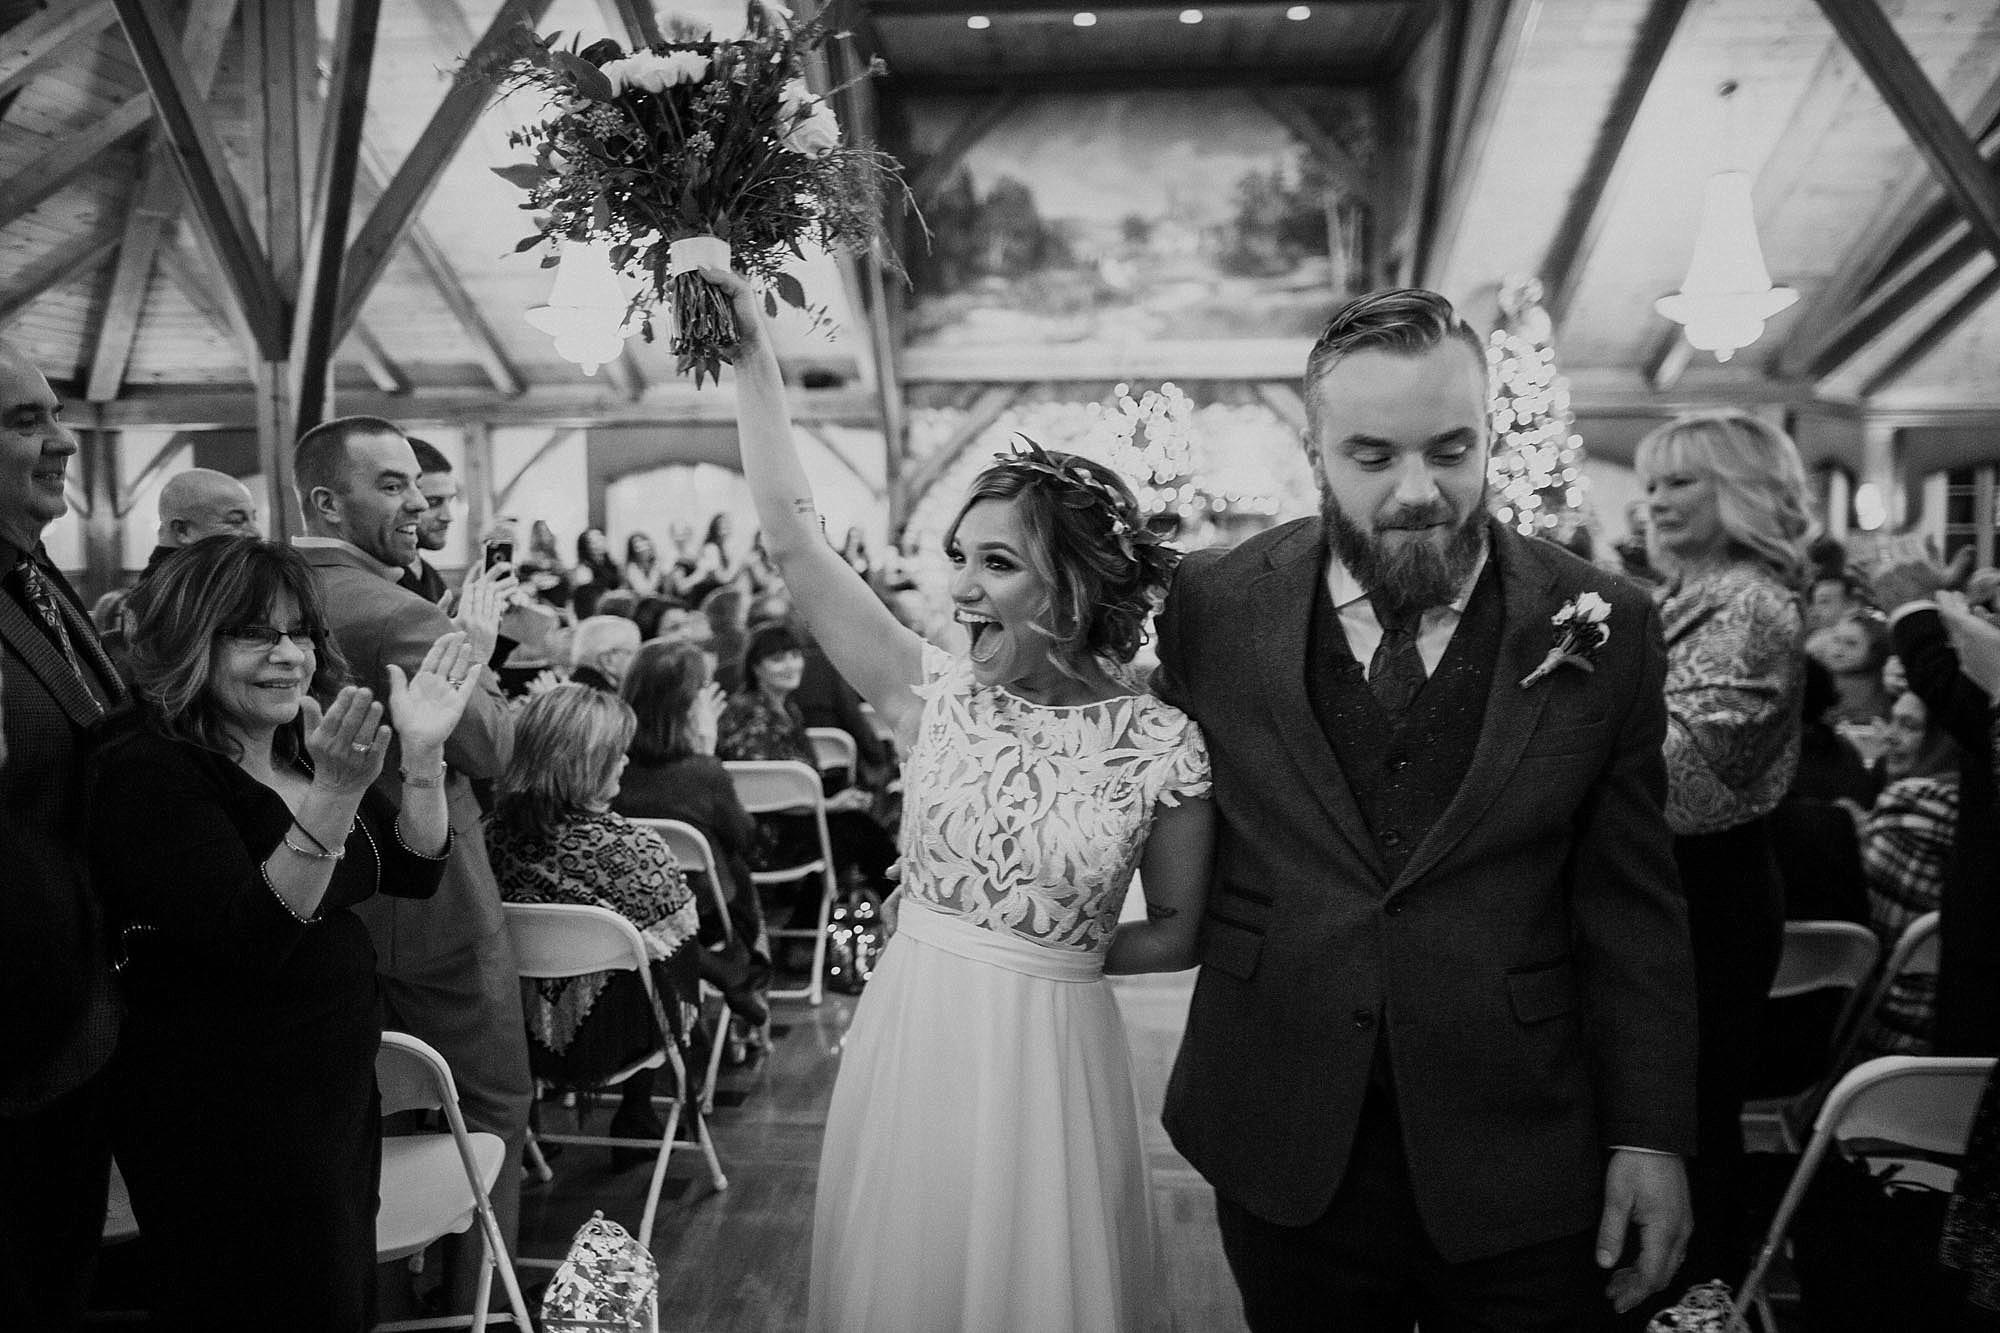 Tweaksbury-country-clup-wedding-51.jpg